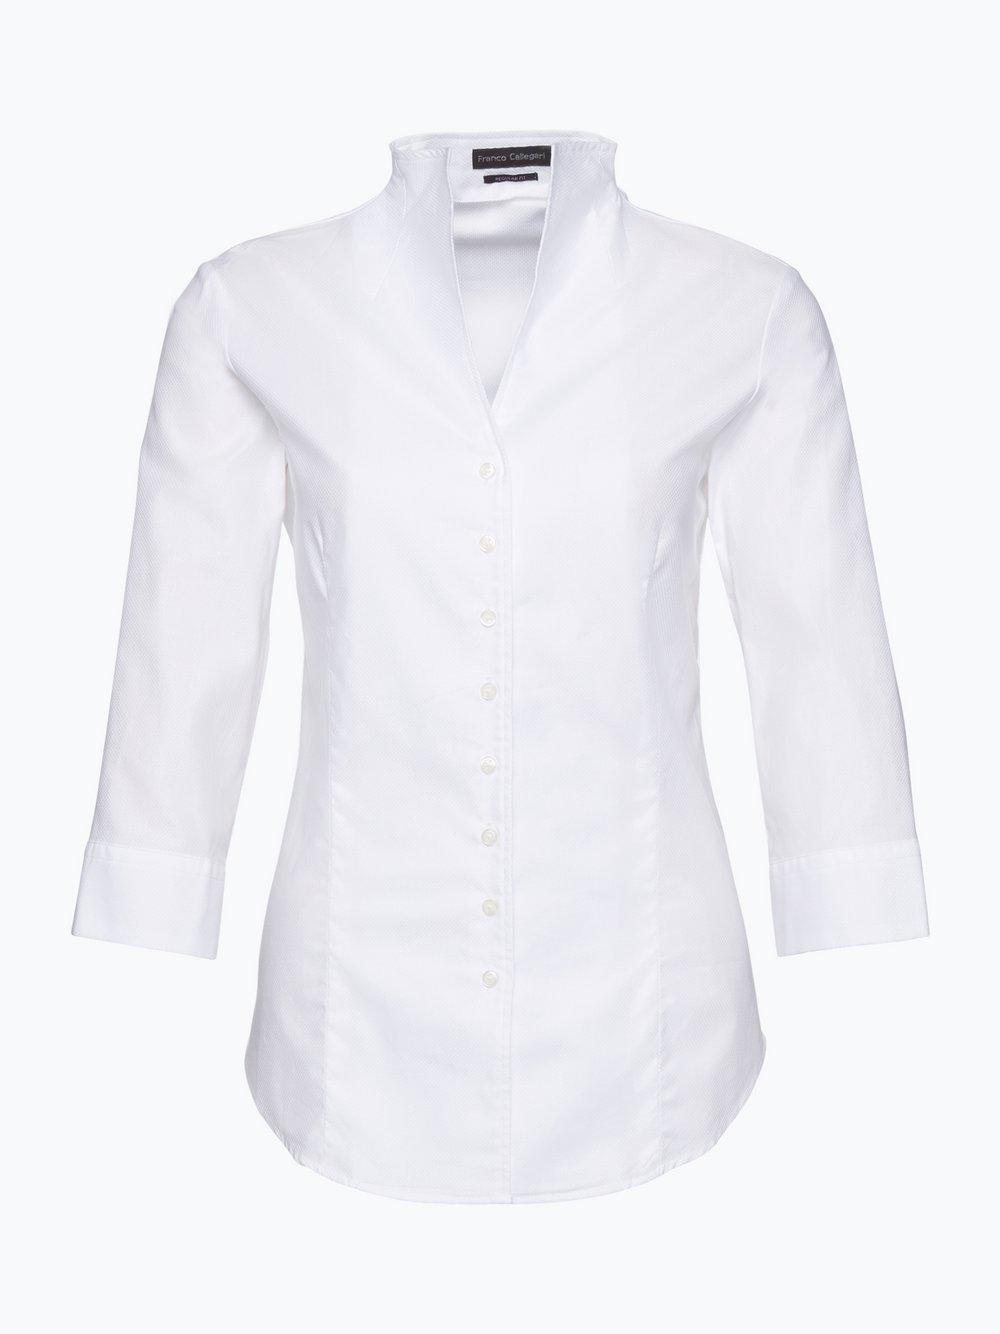 Franco Callegari Damen Bluse Bügelleicht-0